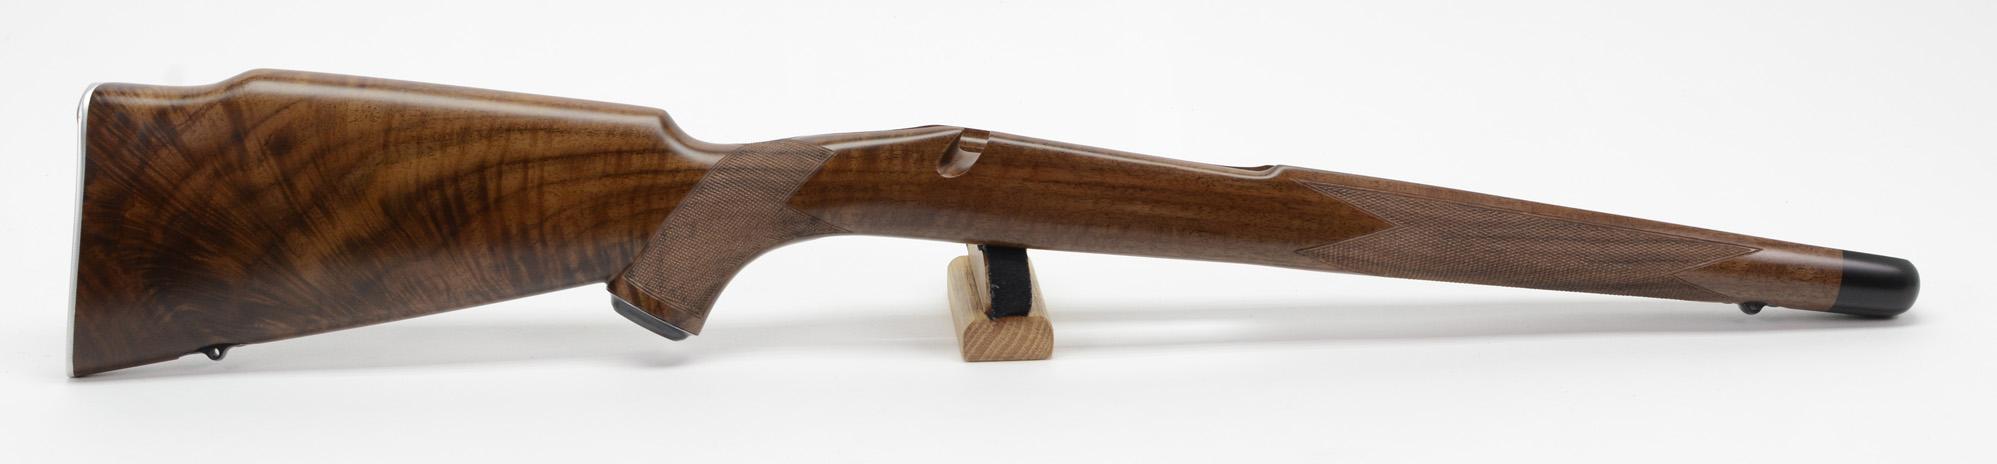 Winchester Pre 1964 Model 70 Stock